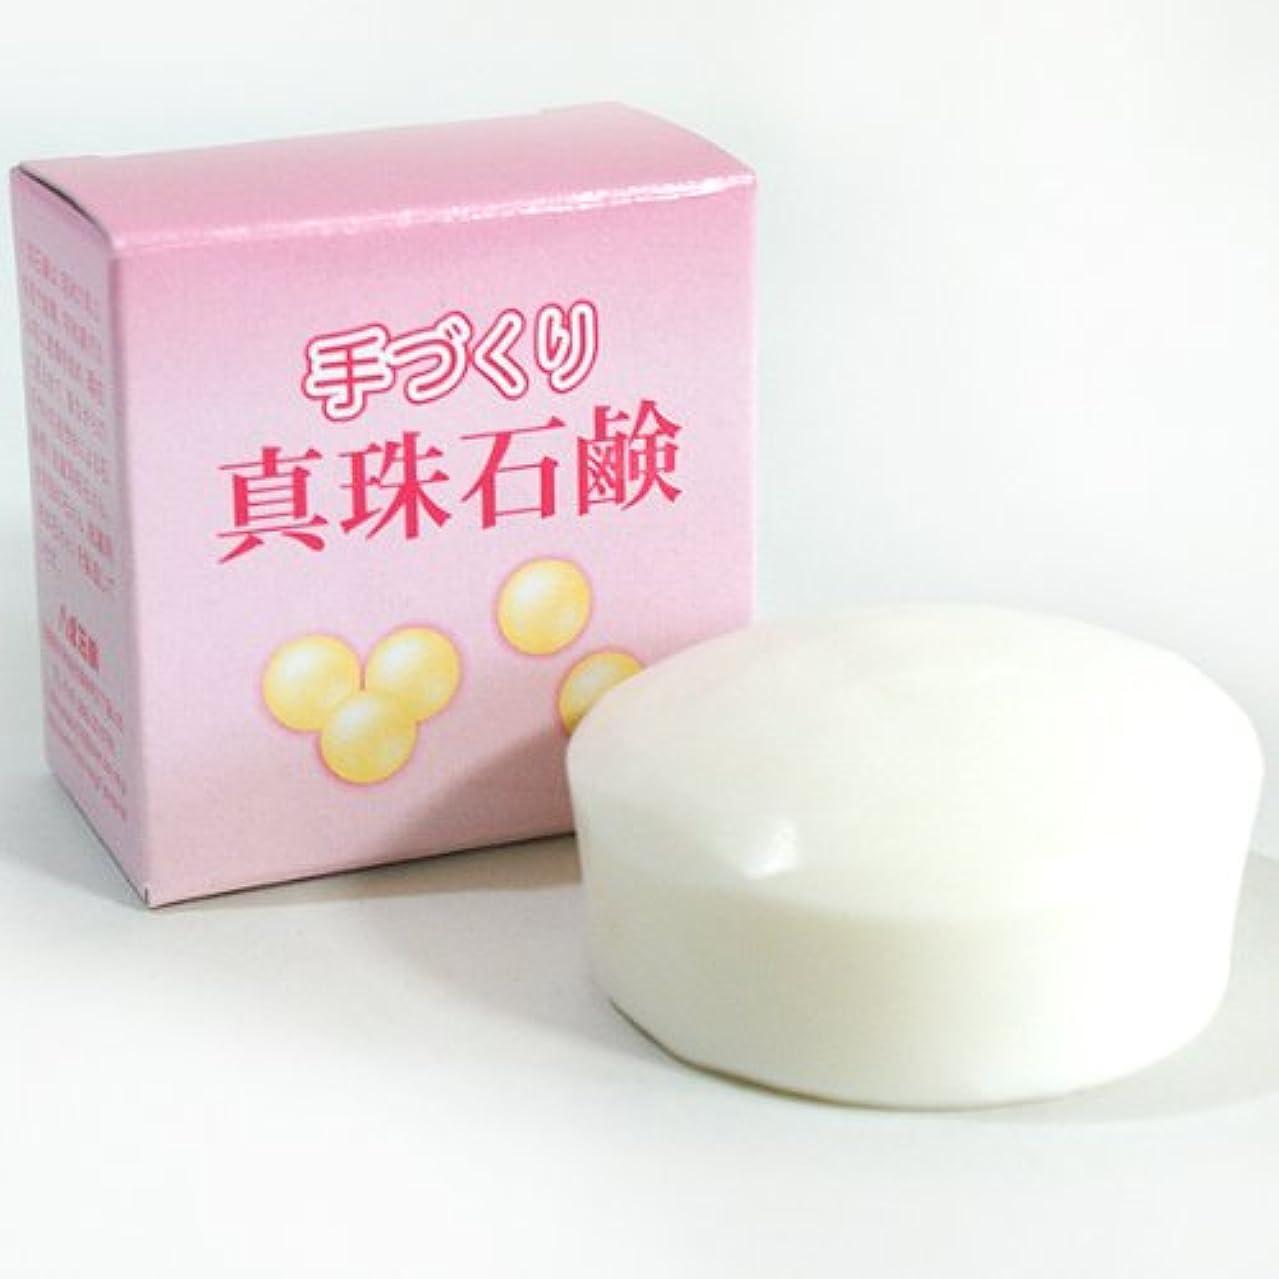 シャーロットブロンテリマーク時代八坂石鹸 手作り石けん 真珠60g(箱入り)